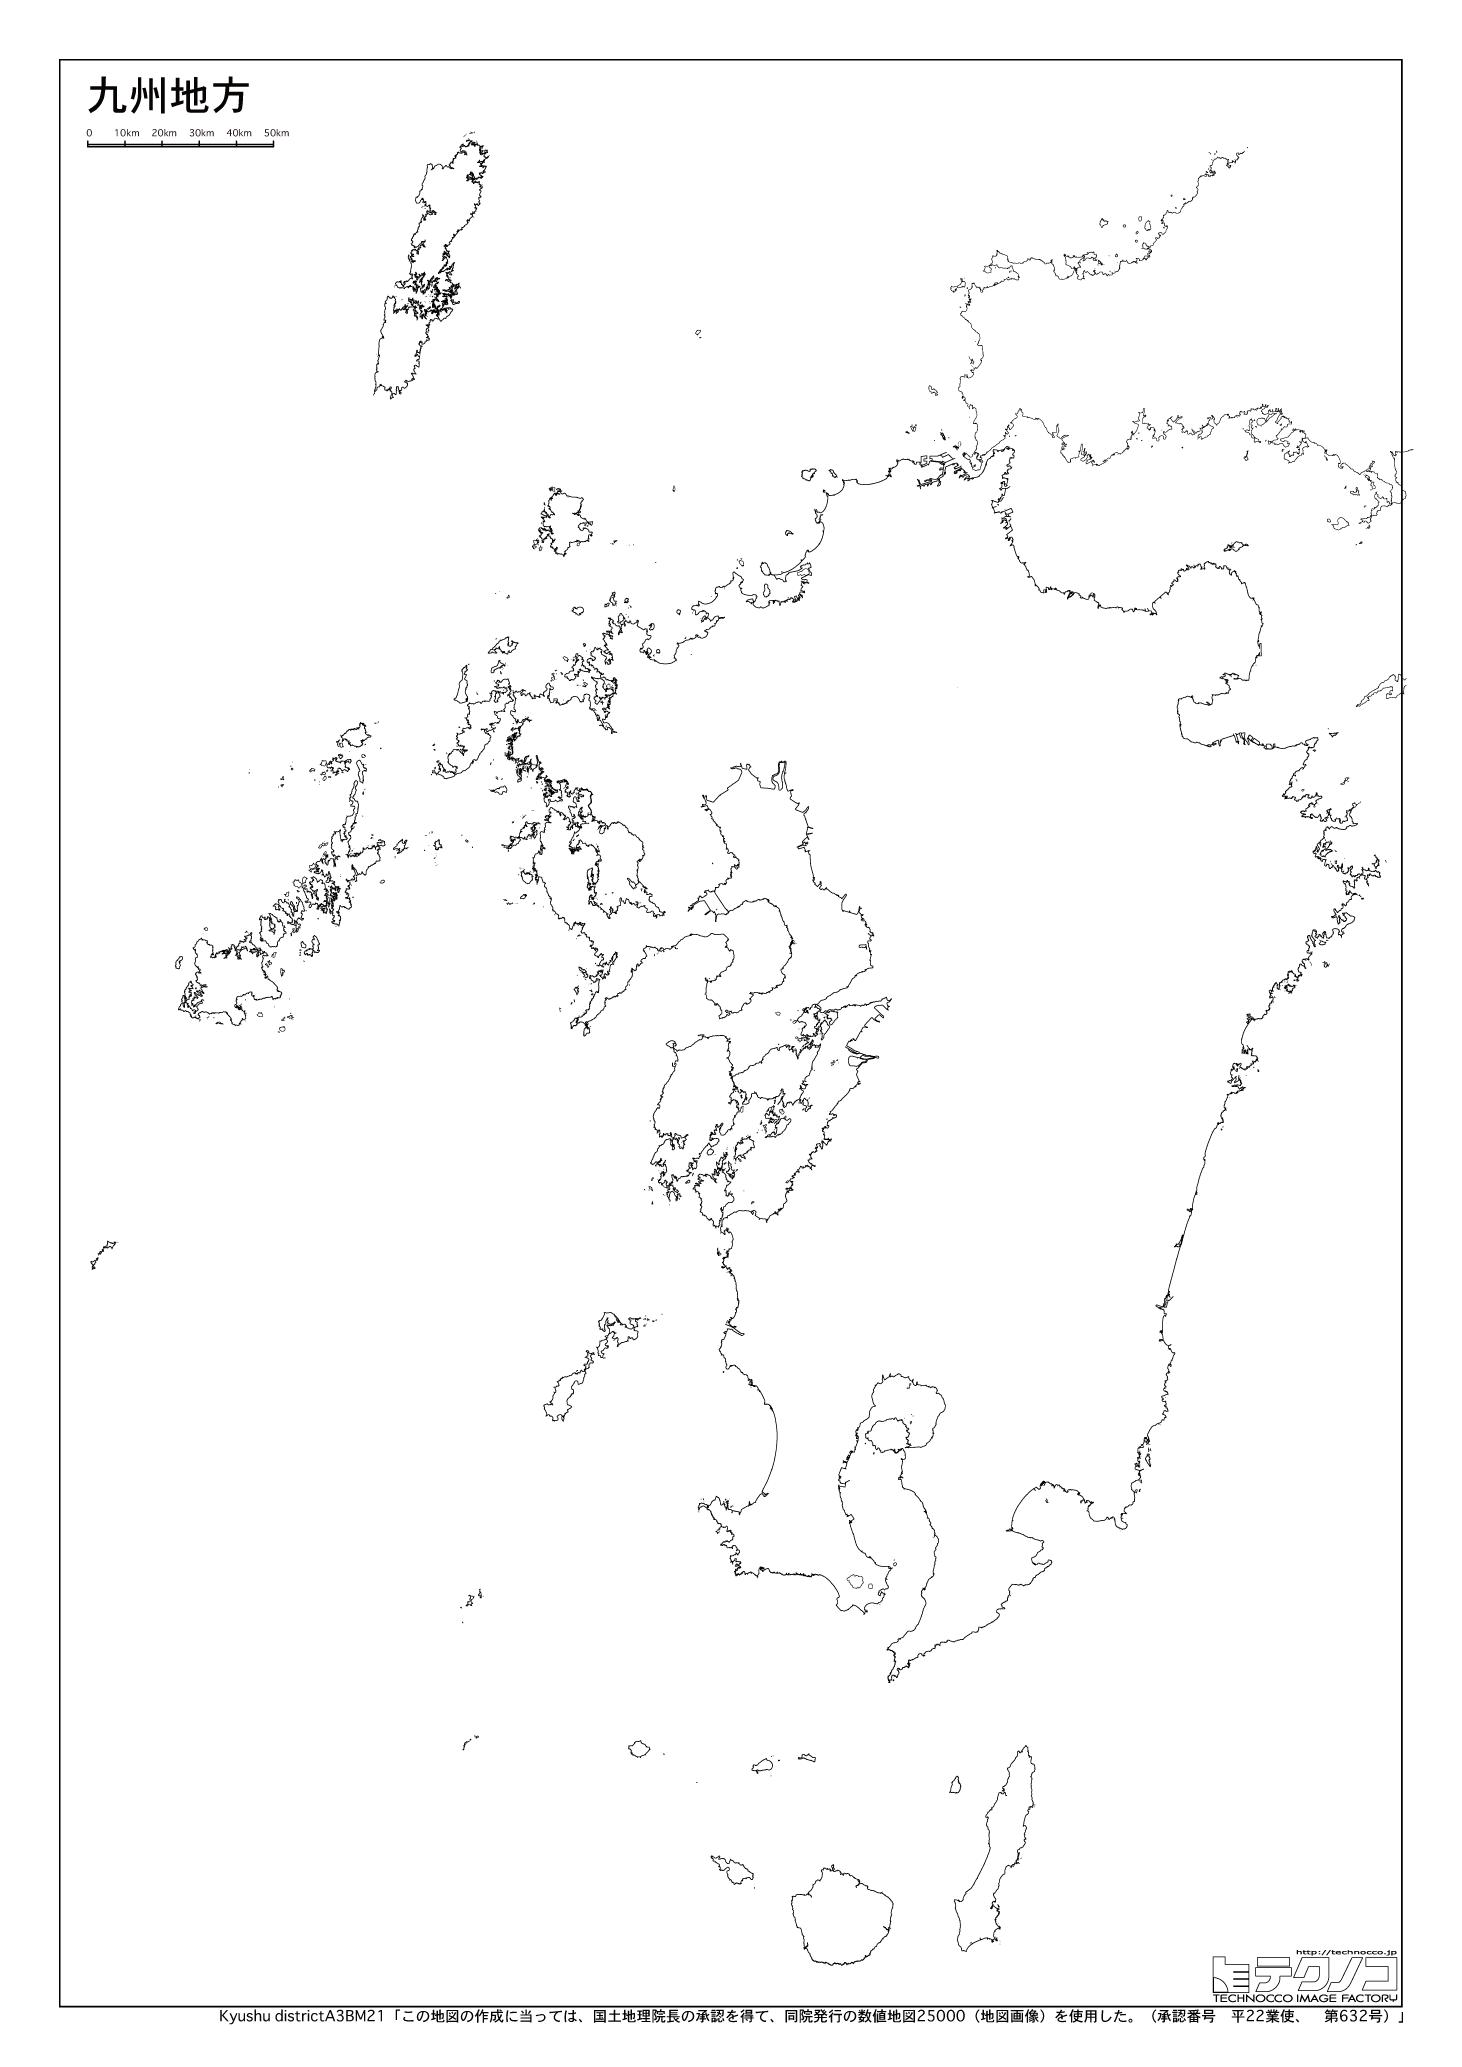 白地図 九州 白地図 フリー : 薩南諸島の画像 - 原寸画像検索